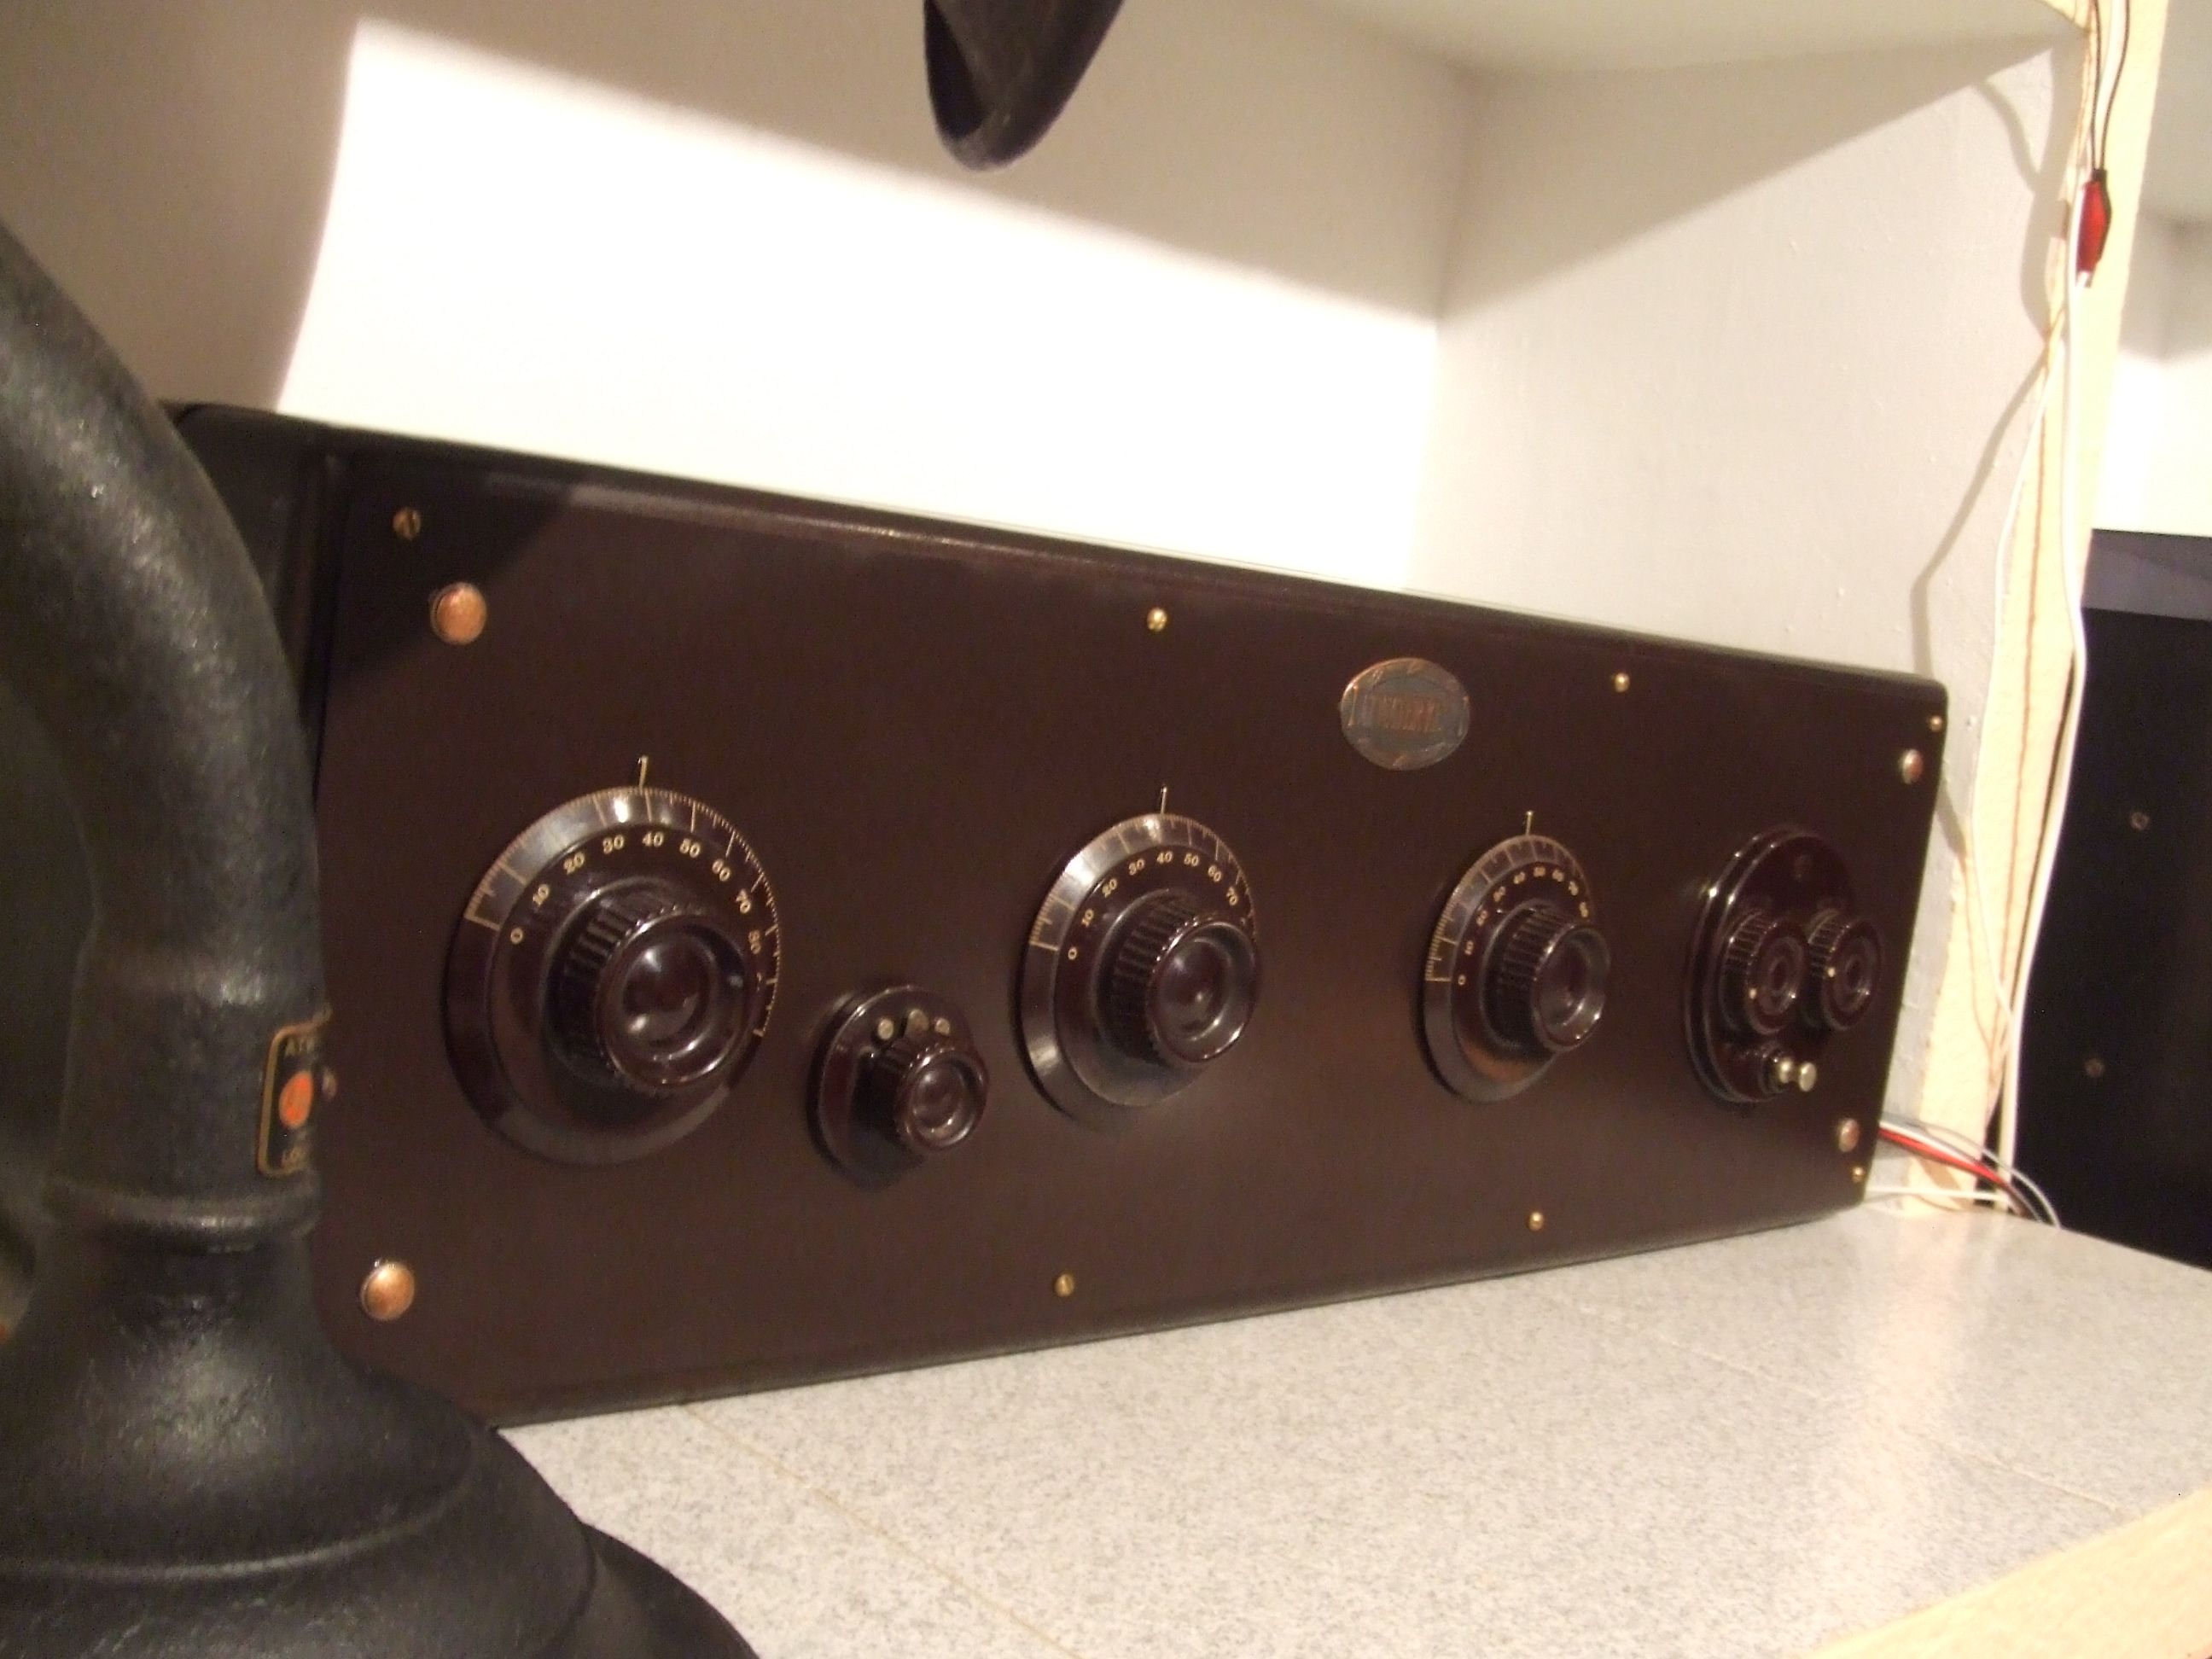 Atwater Kent 20 Big Box u0026 Atwater Kent Speaker model  M  (1925) & Atwater Kent 20 Big Box u0026 Atwater Kent Speaker model